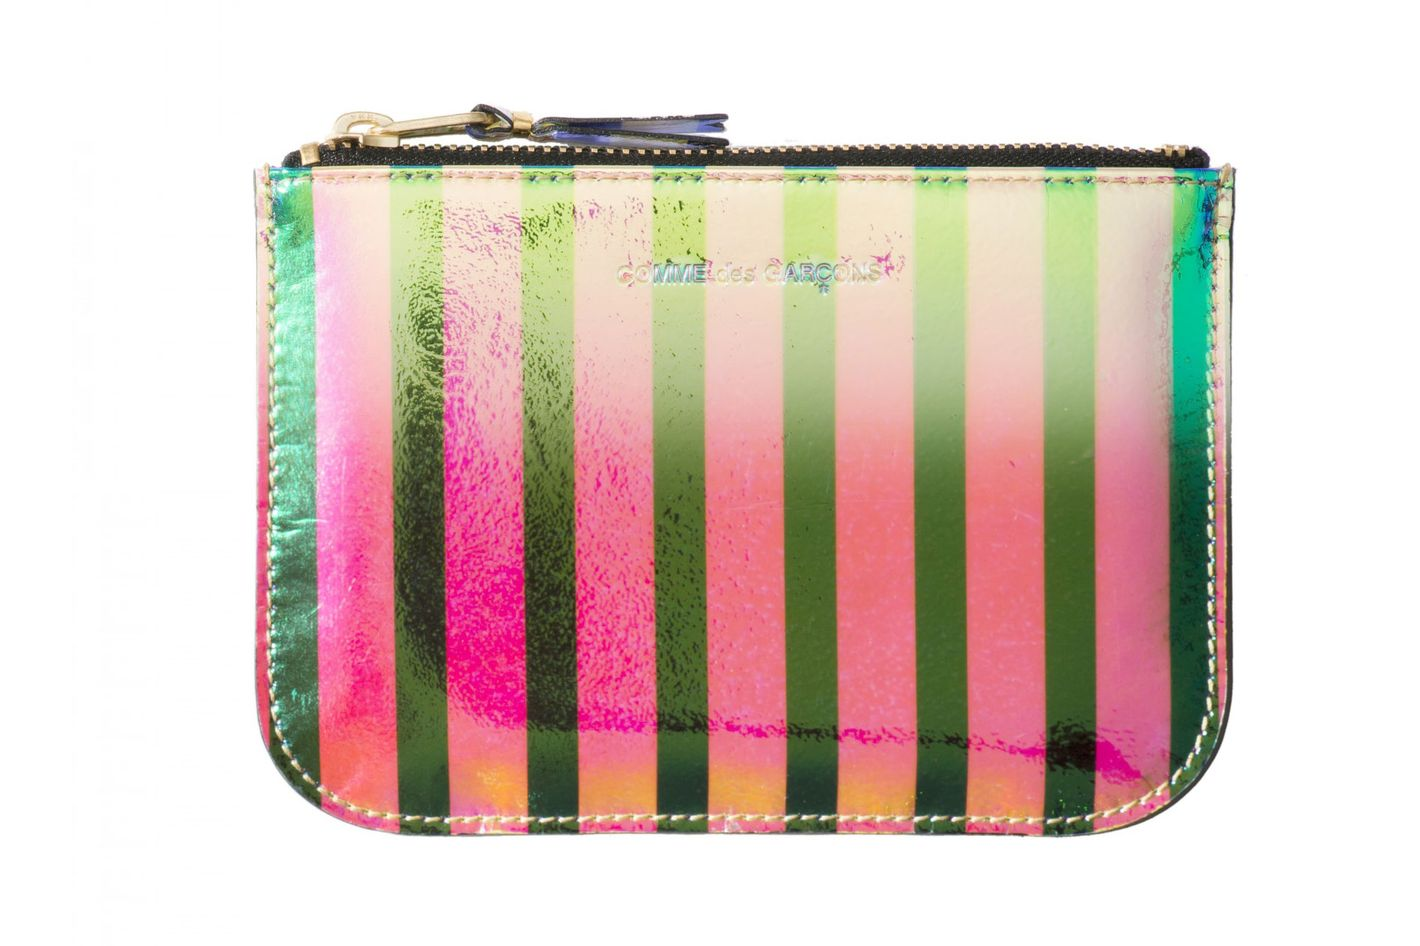 Comme des Garcons Crazy Stripe Wallet